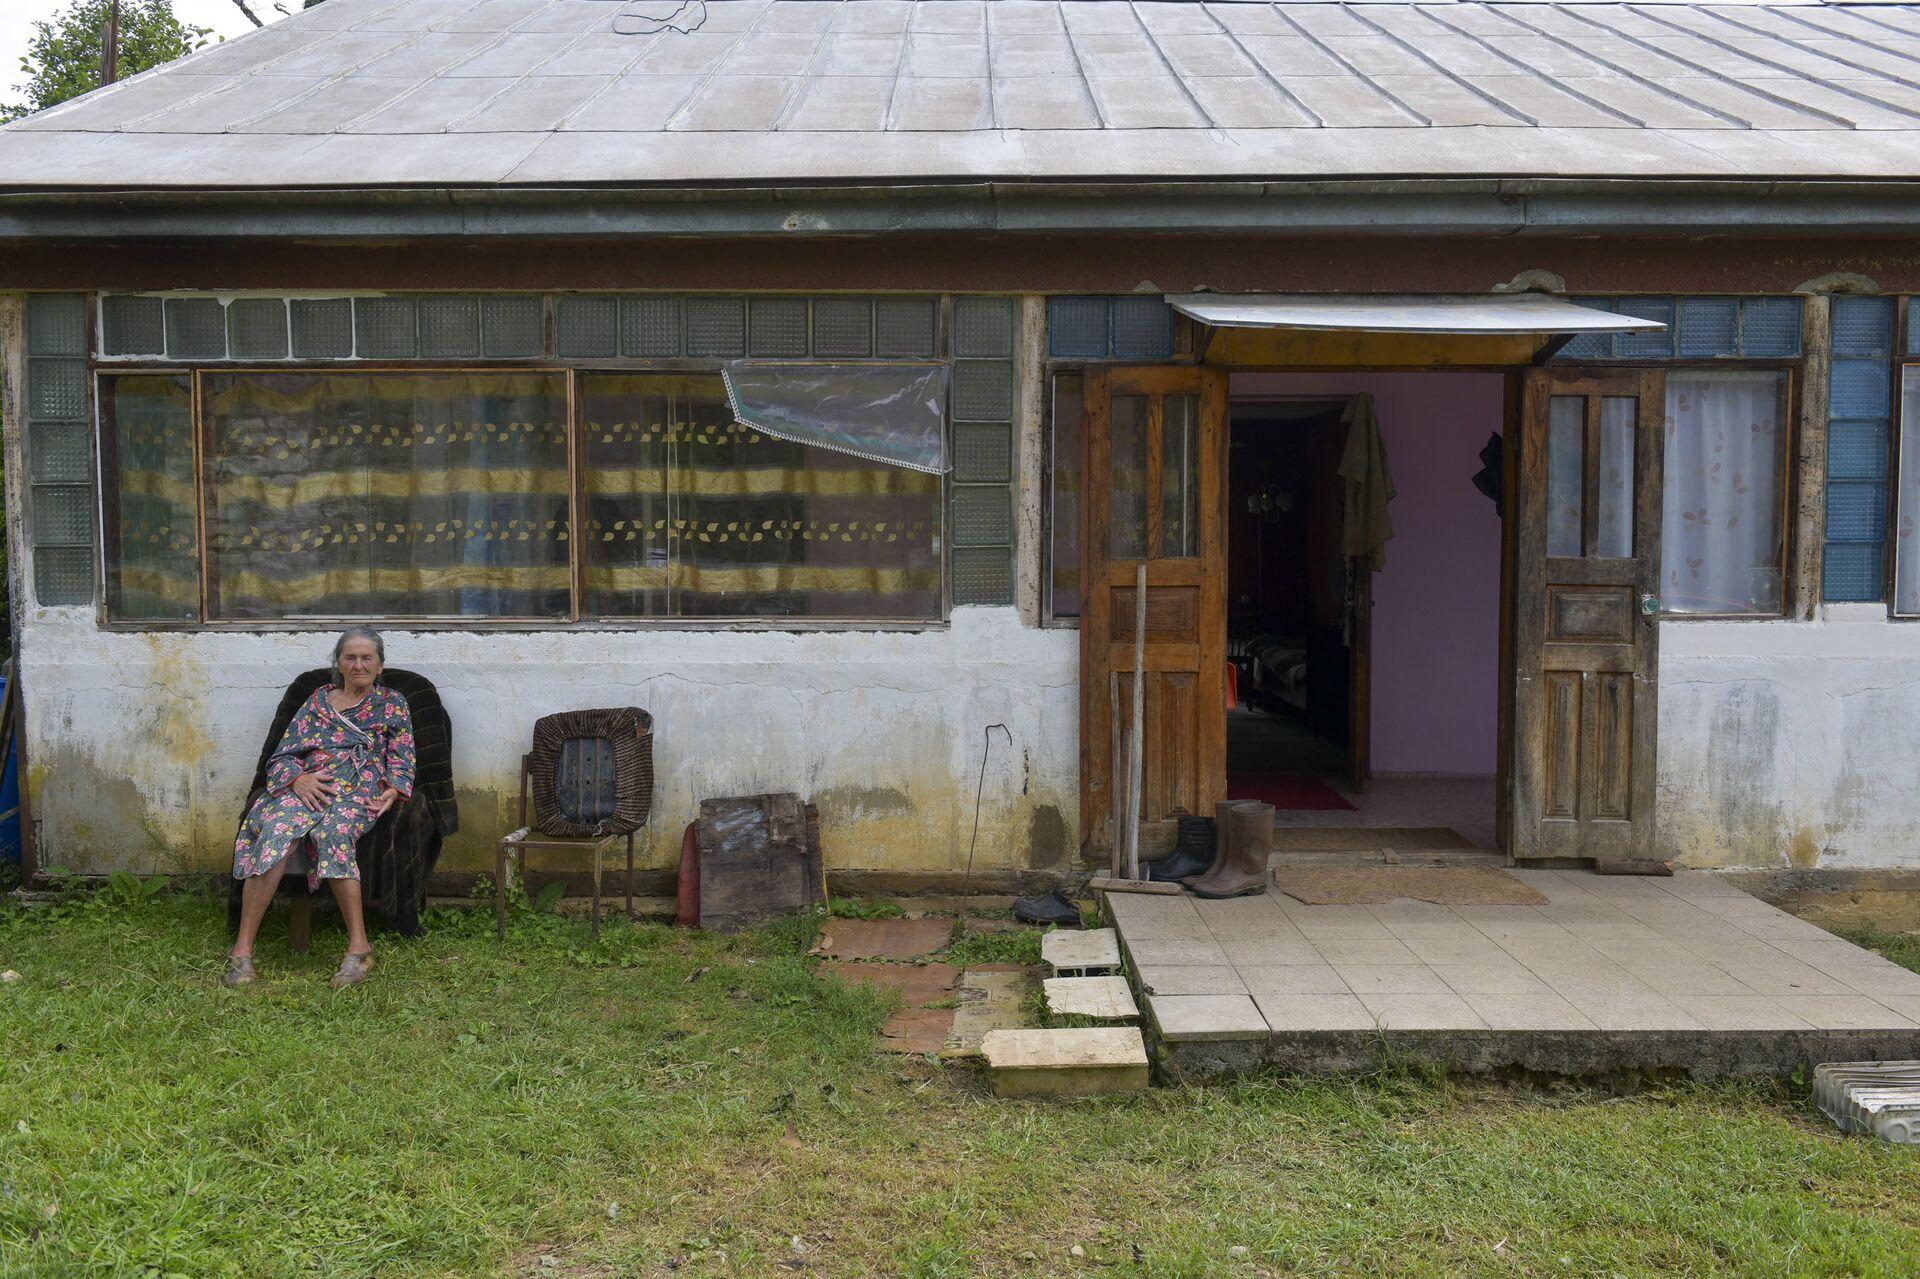 Затопленный дом немца в селе Лыхны Гельмута Пробста  - Sputnik Аҧсны, 1920, 12.10.2021